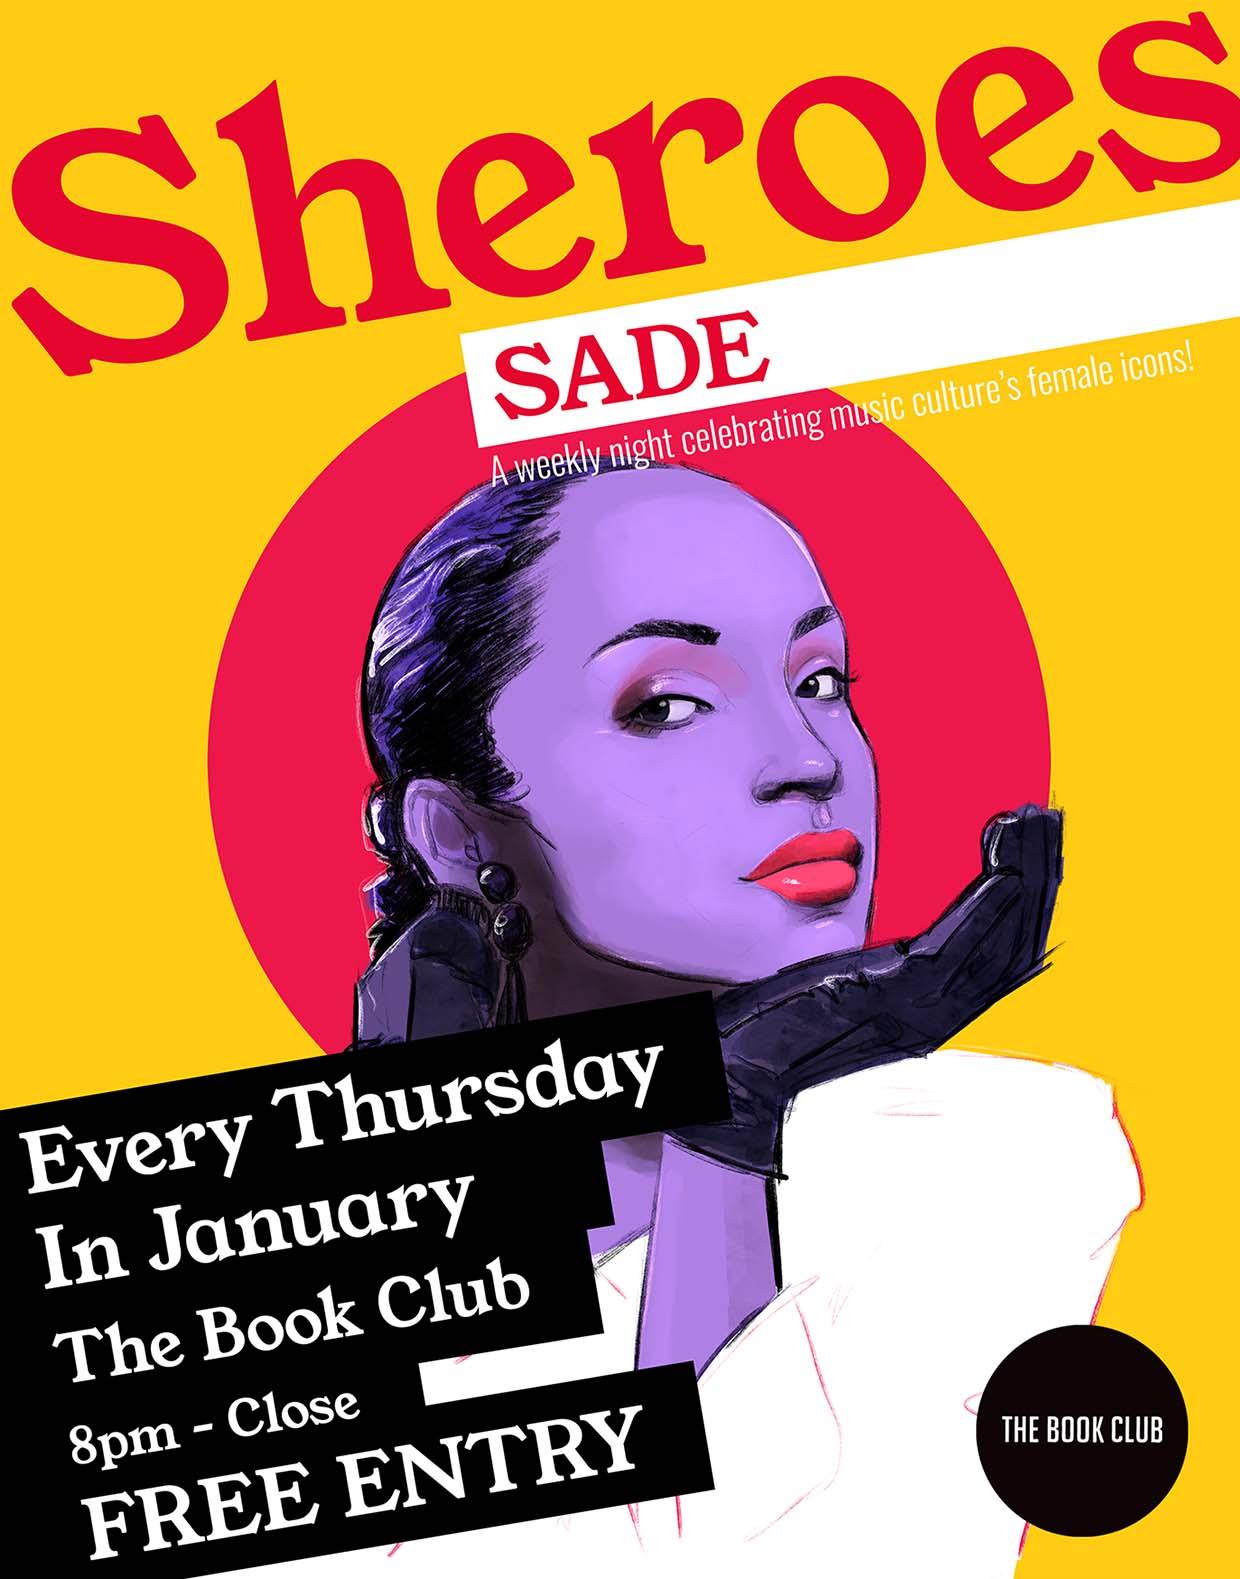 Sheroes: Sade - Every Thursday in January